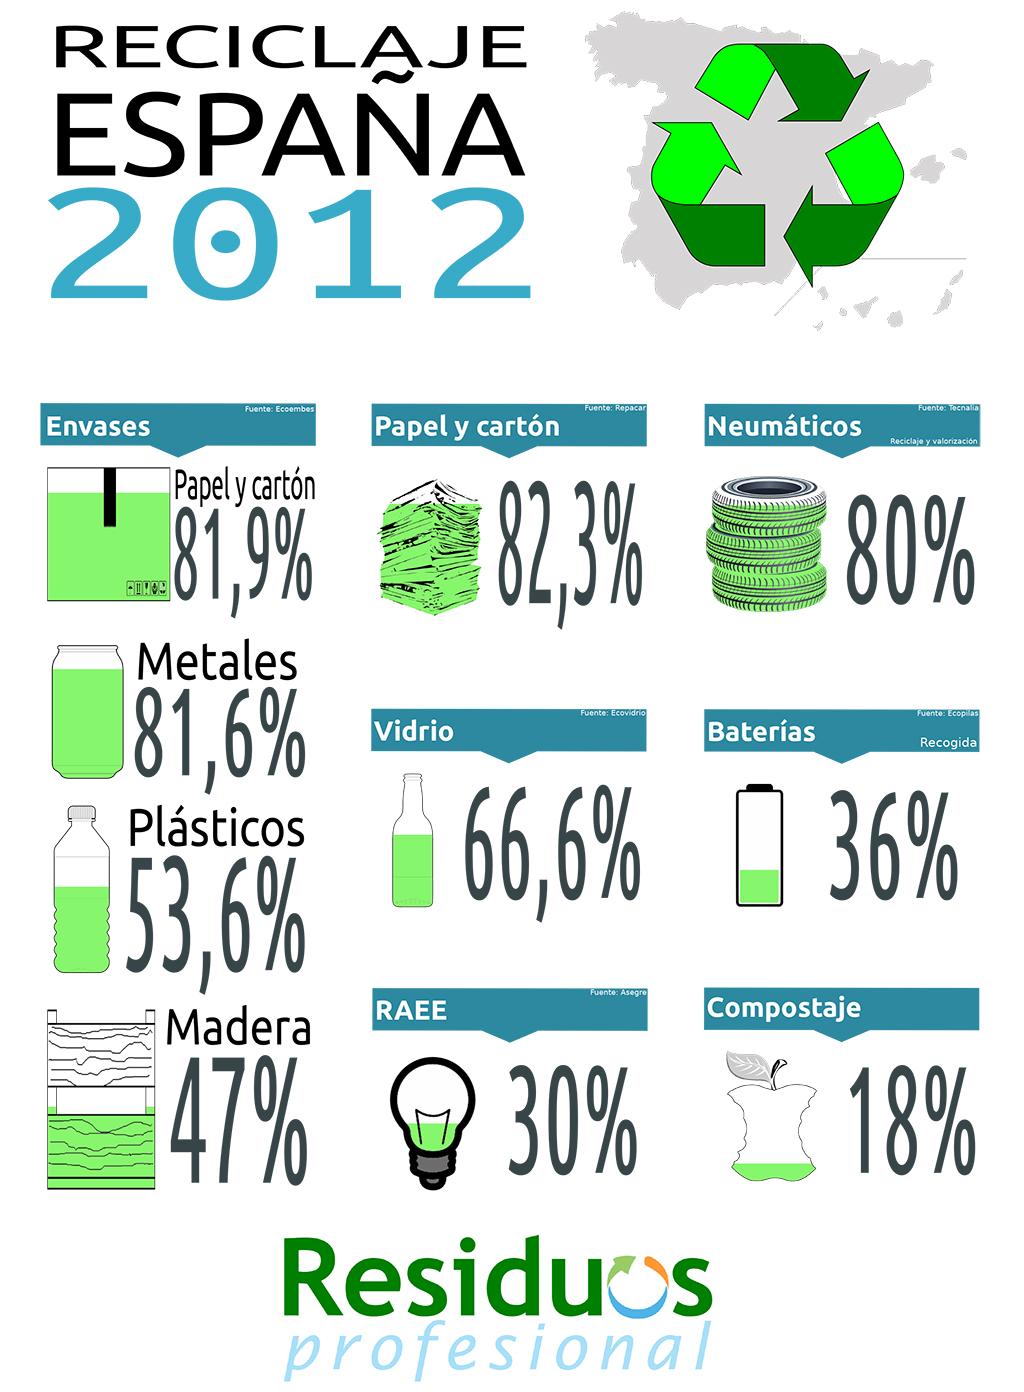 Reciclaje en España (datos de 2012)